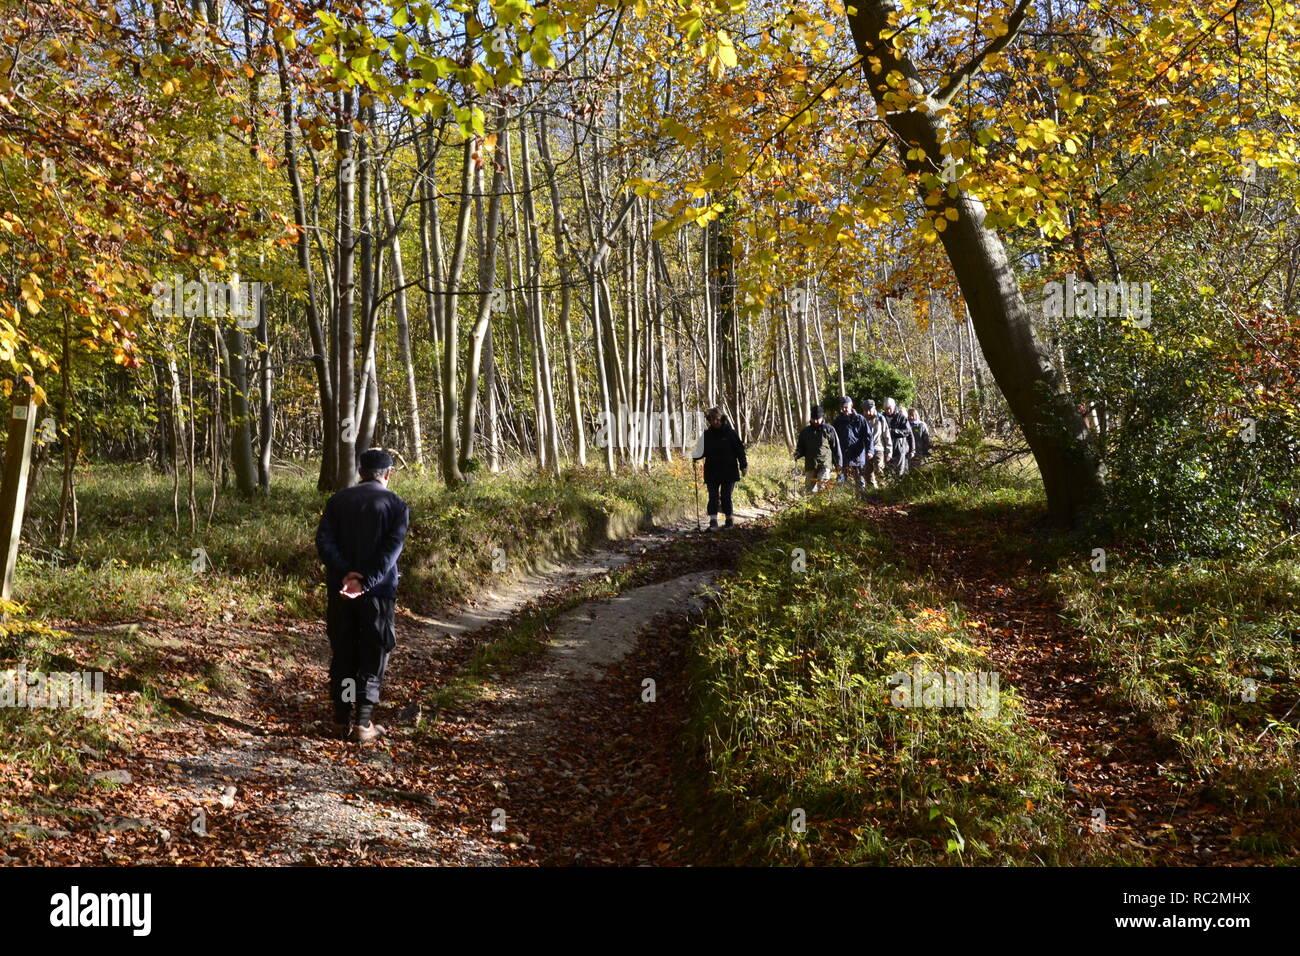 Walkers in Bradenham Woods, at Bradenham, High Wycombe, Buckinghamshire, UK - Stock Image